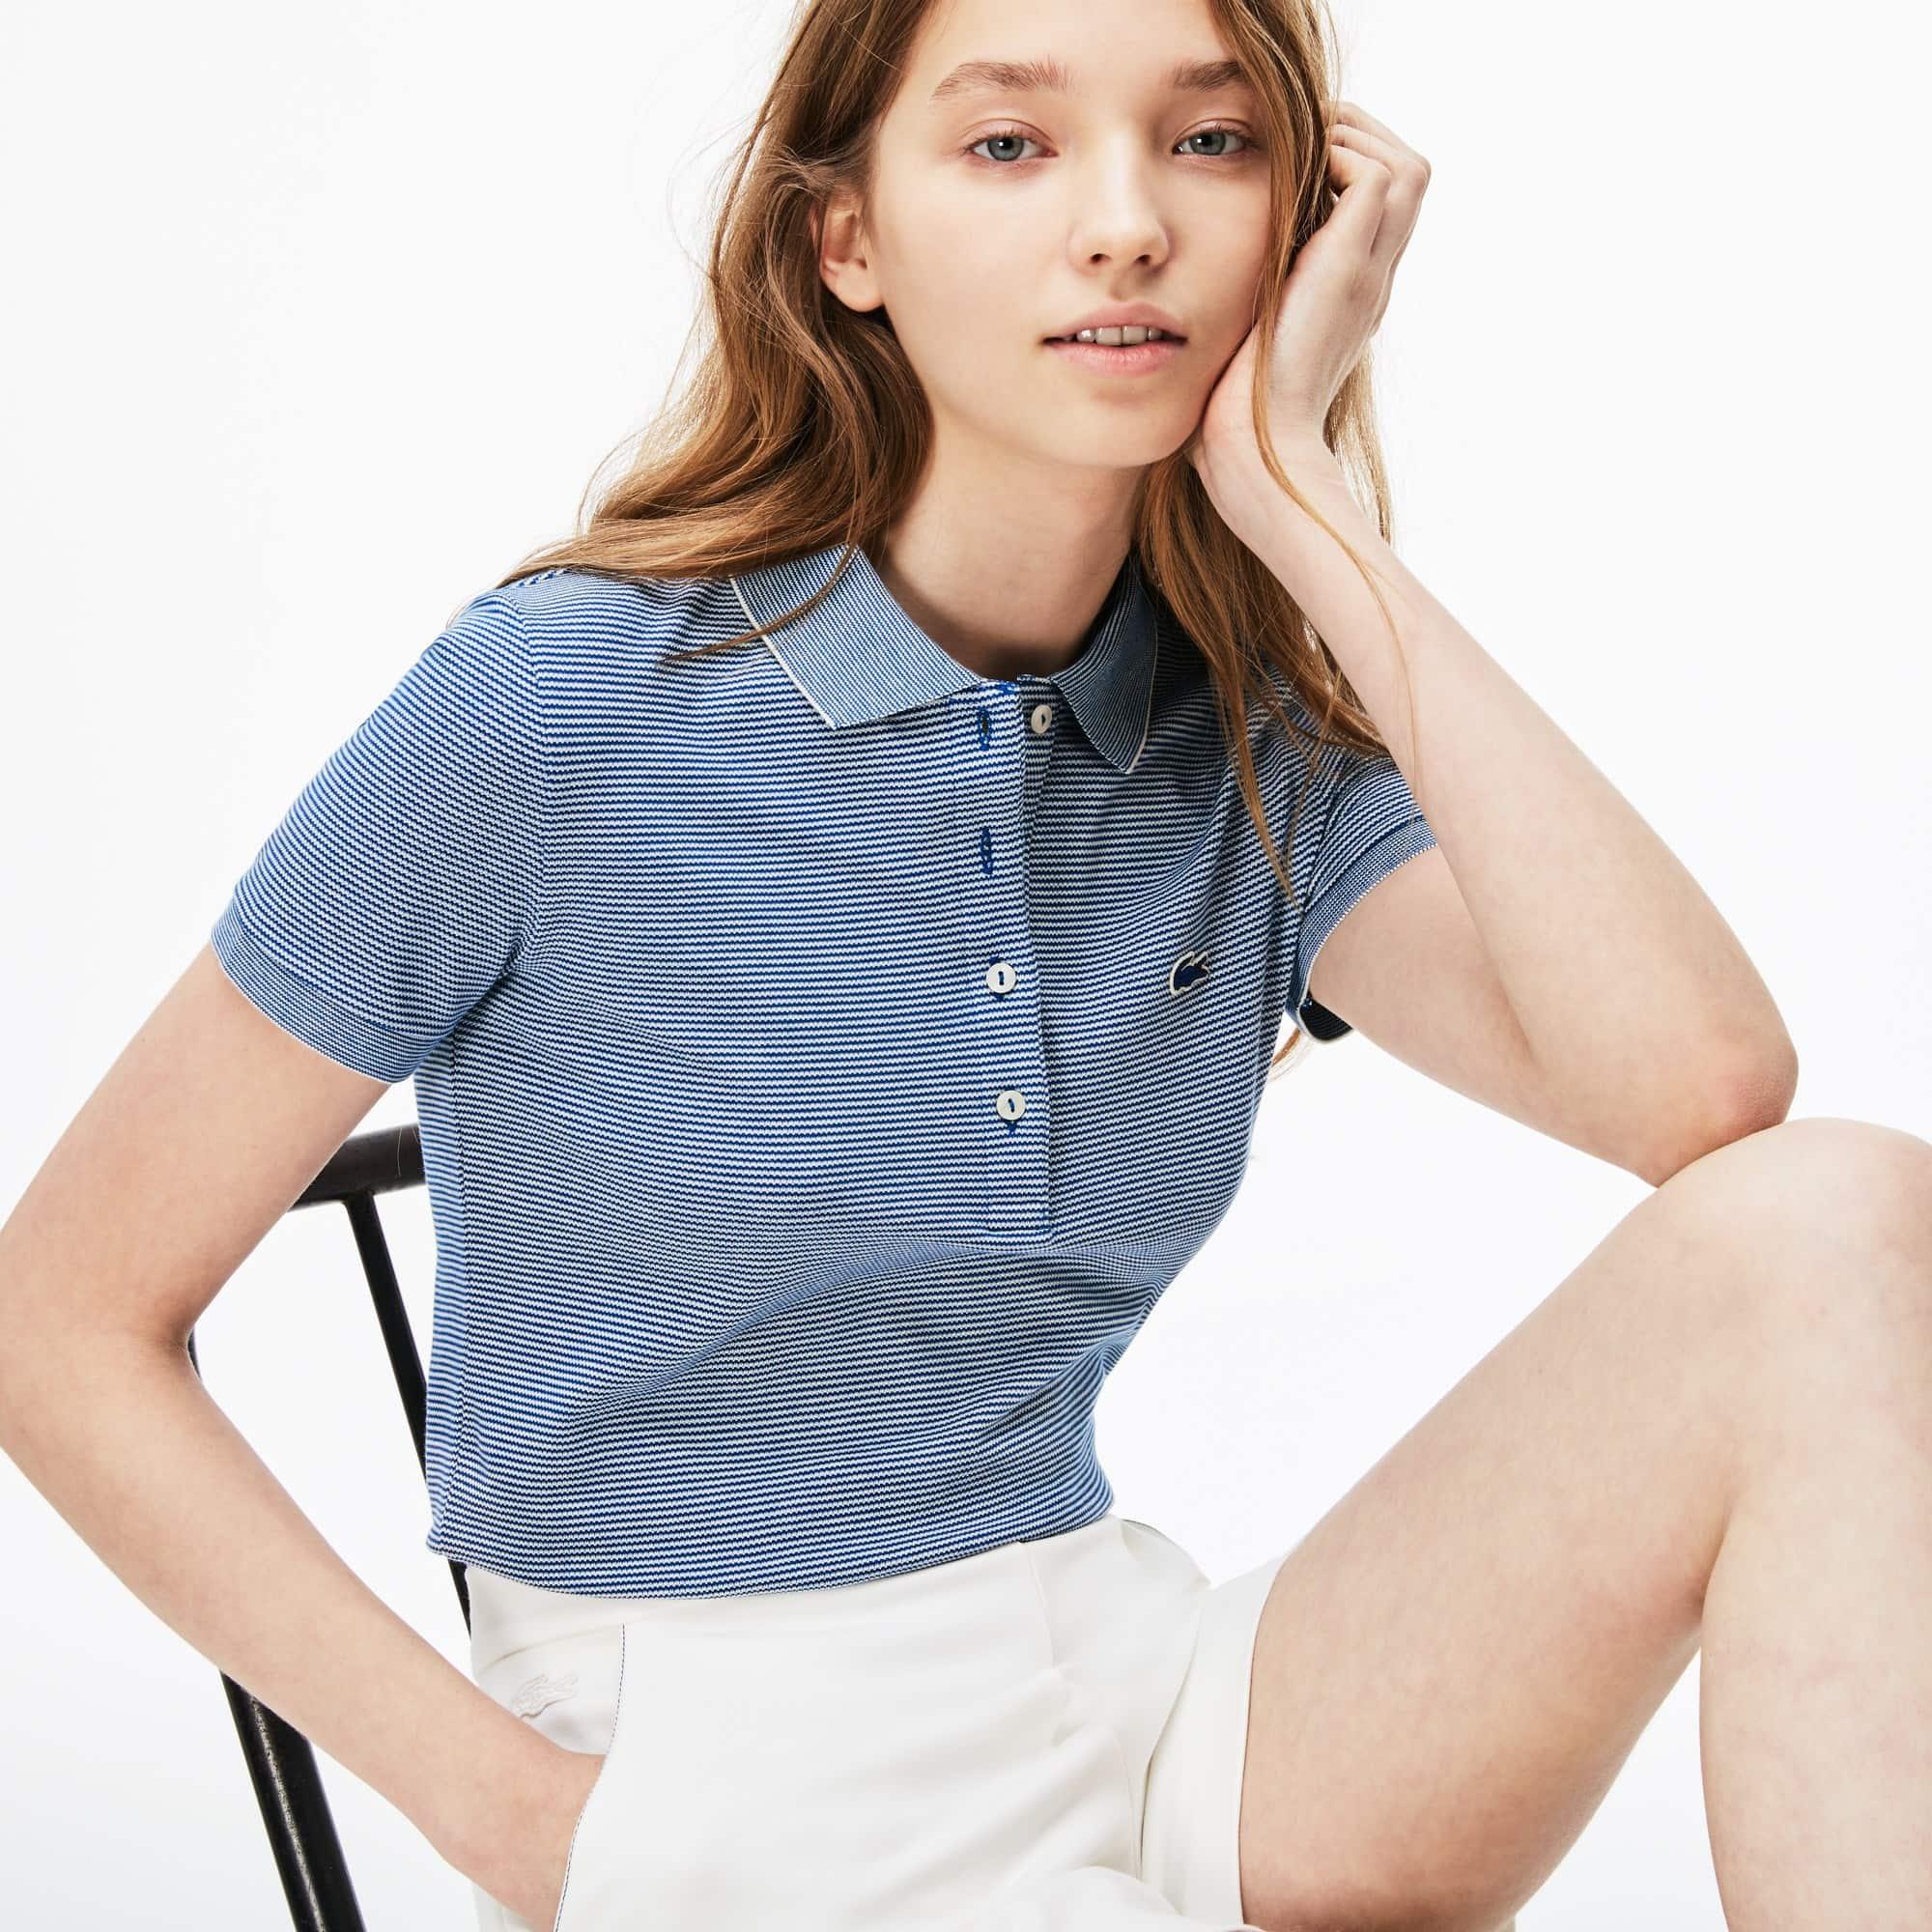 Camisa Polo Lacoste Slim Fit Feminina em Minipiqué Stretch com Listras Finas